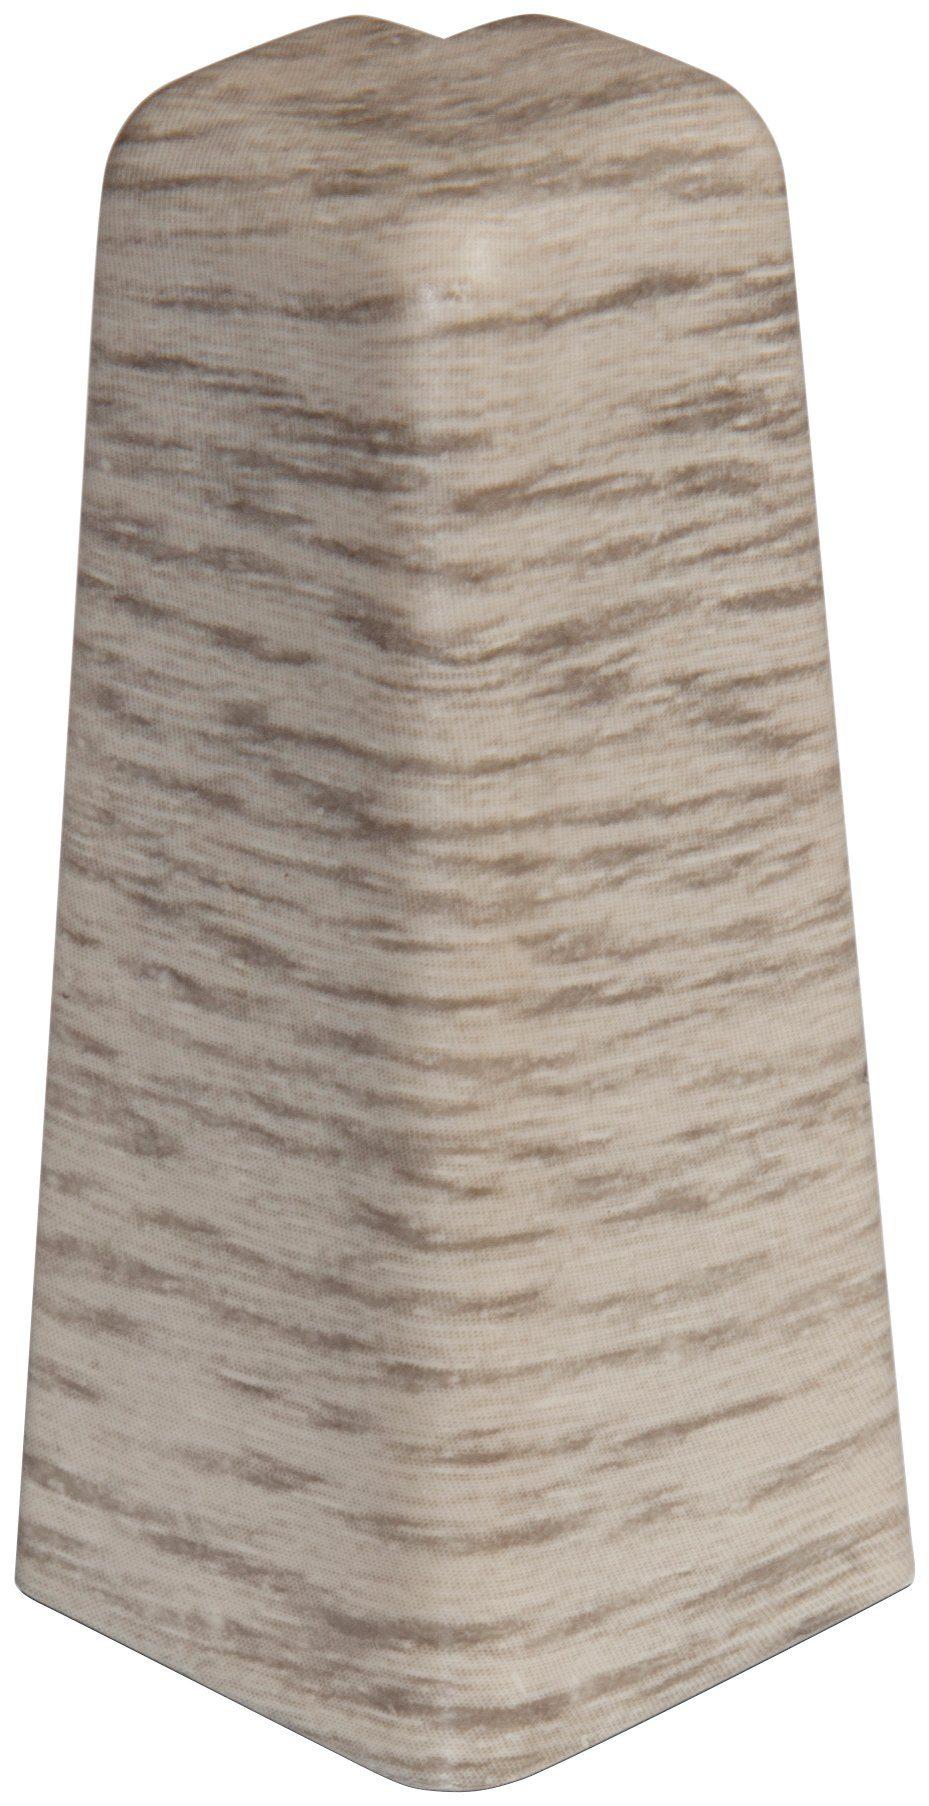 EGGER Außenecken »Eiche hellgrau«, für 6cm EGGER Sockelleiste